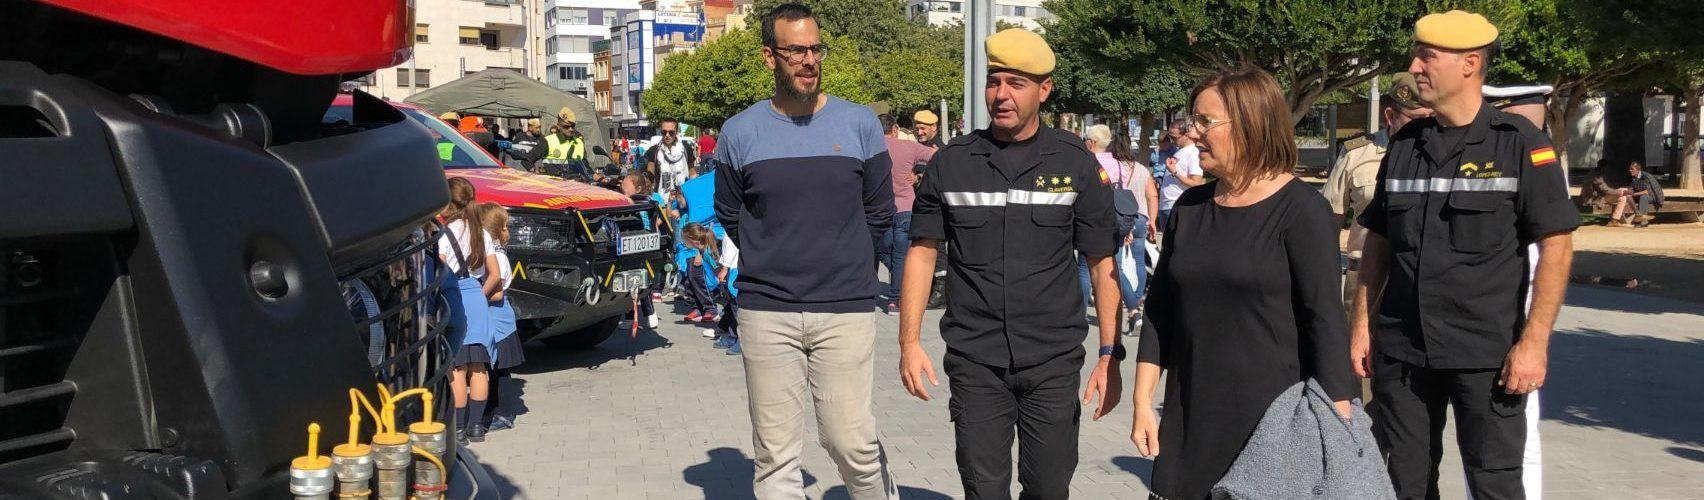 Benicarló acull diverses activitats de la Unitat Militar d'Emergències en el seu 14é aniversari